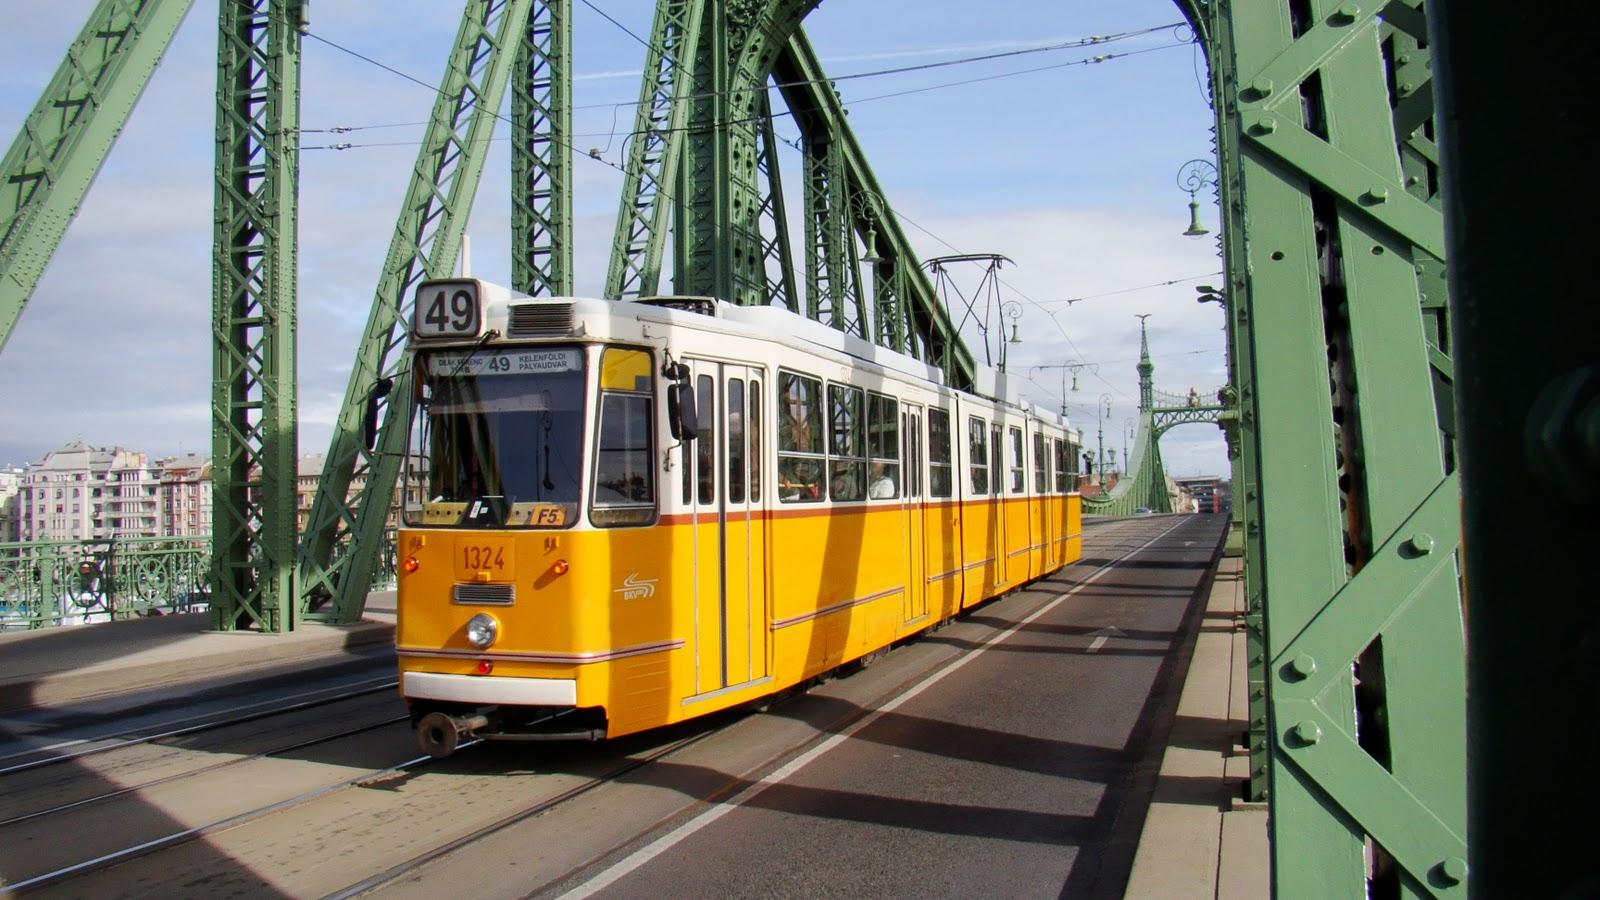 Viajes x blog de viajes budapest hungr a for Oficina turismo budapest